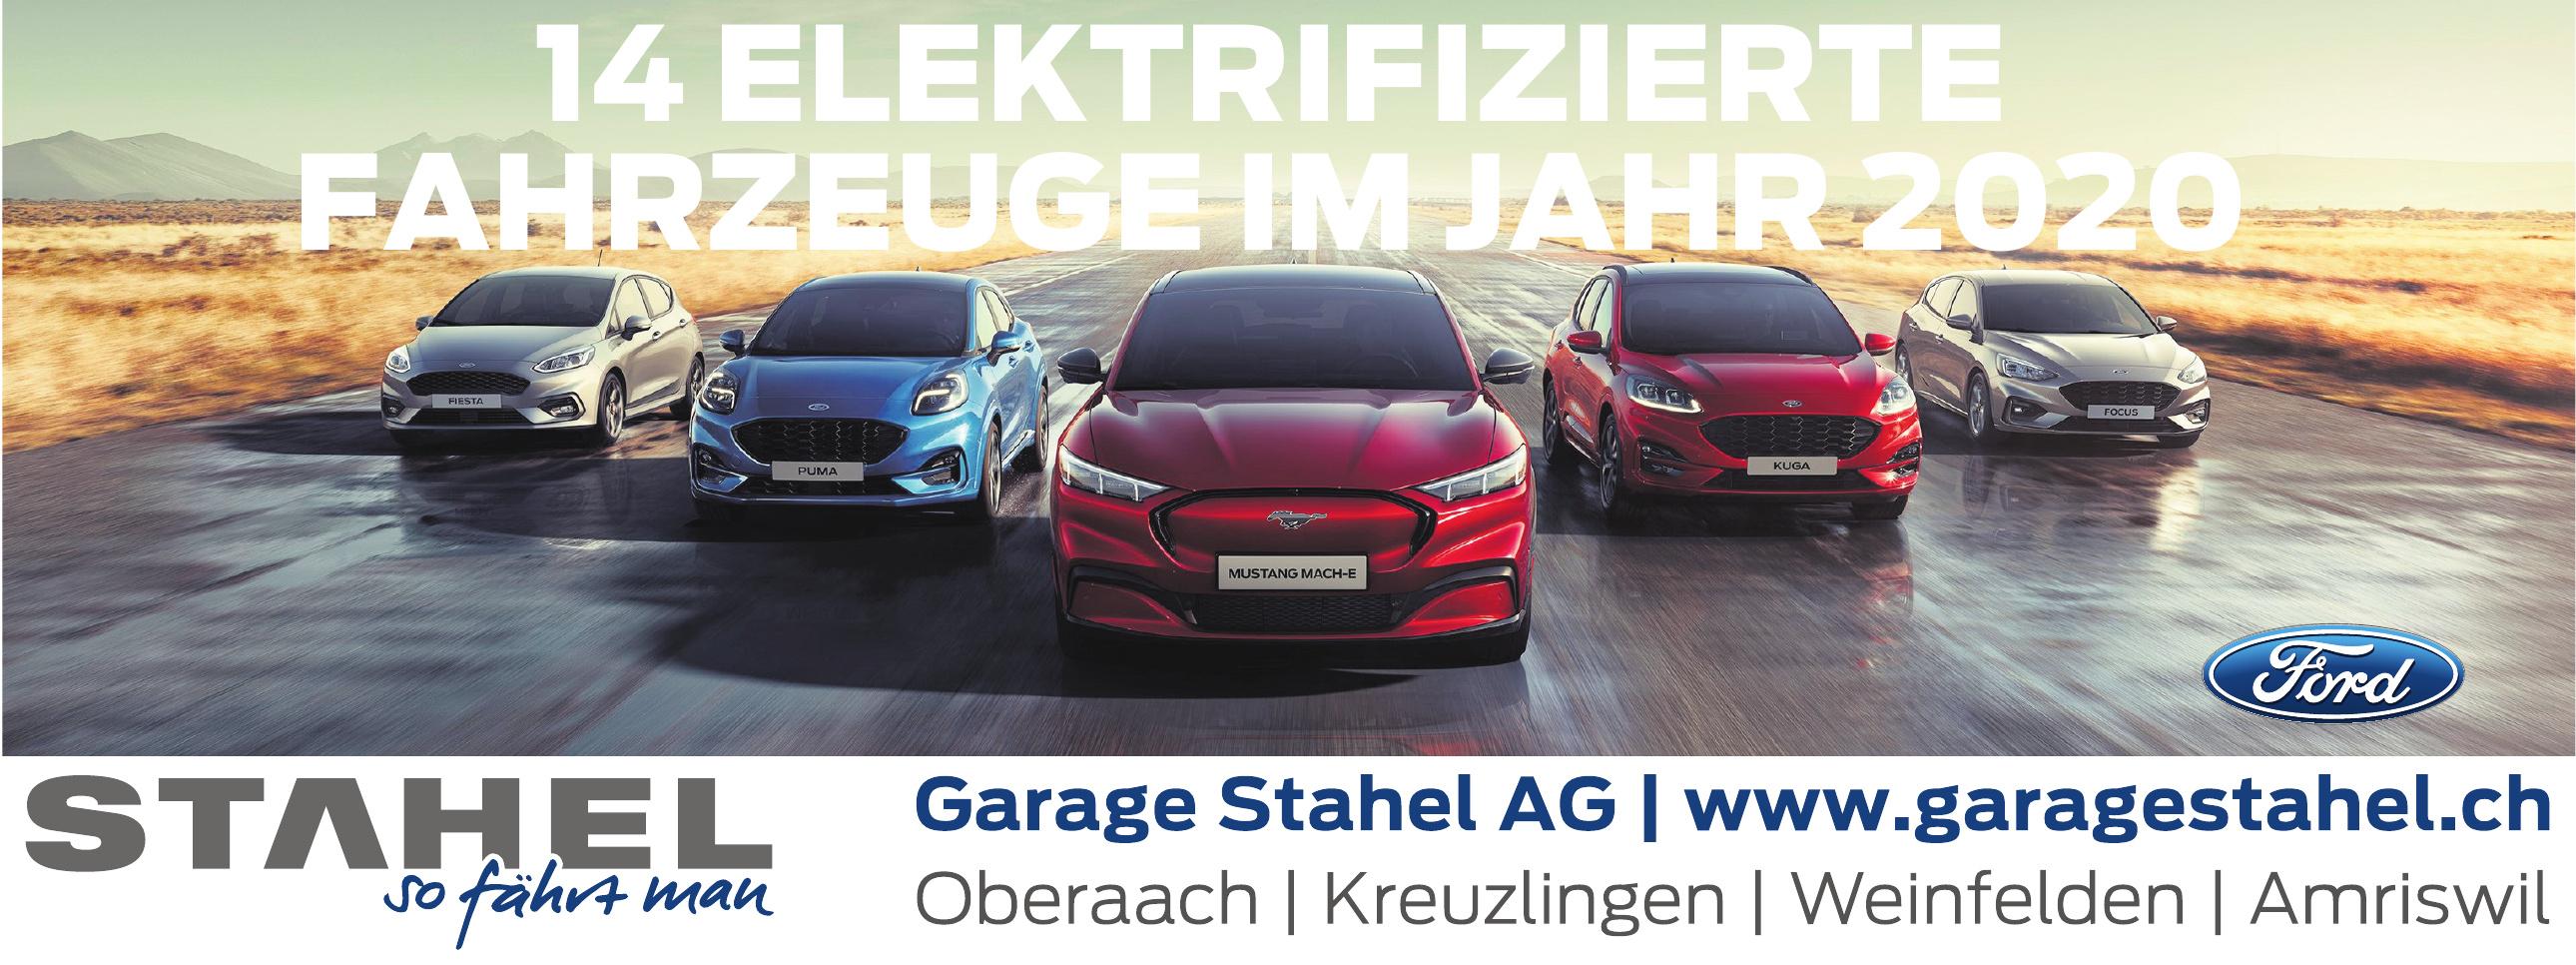 Garage Stahel AG